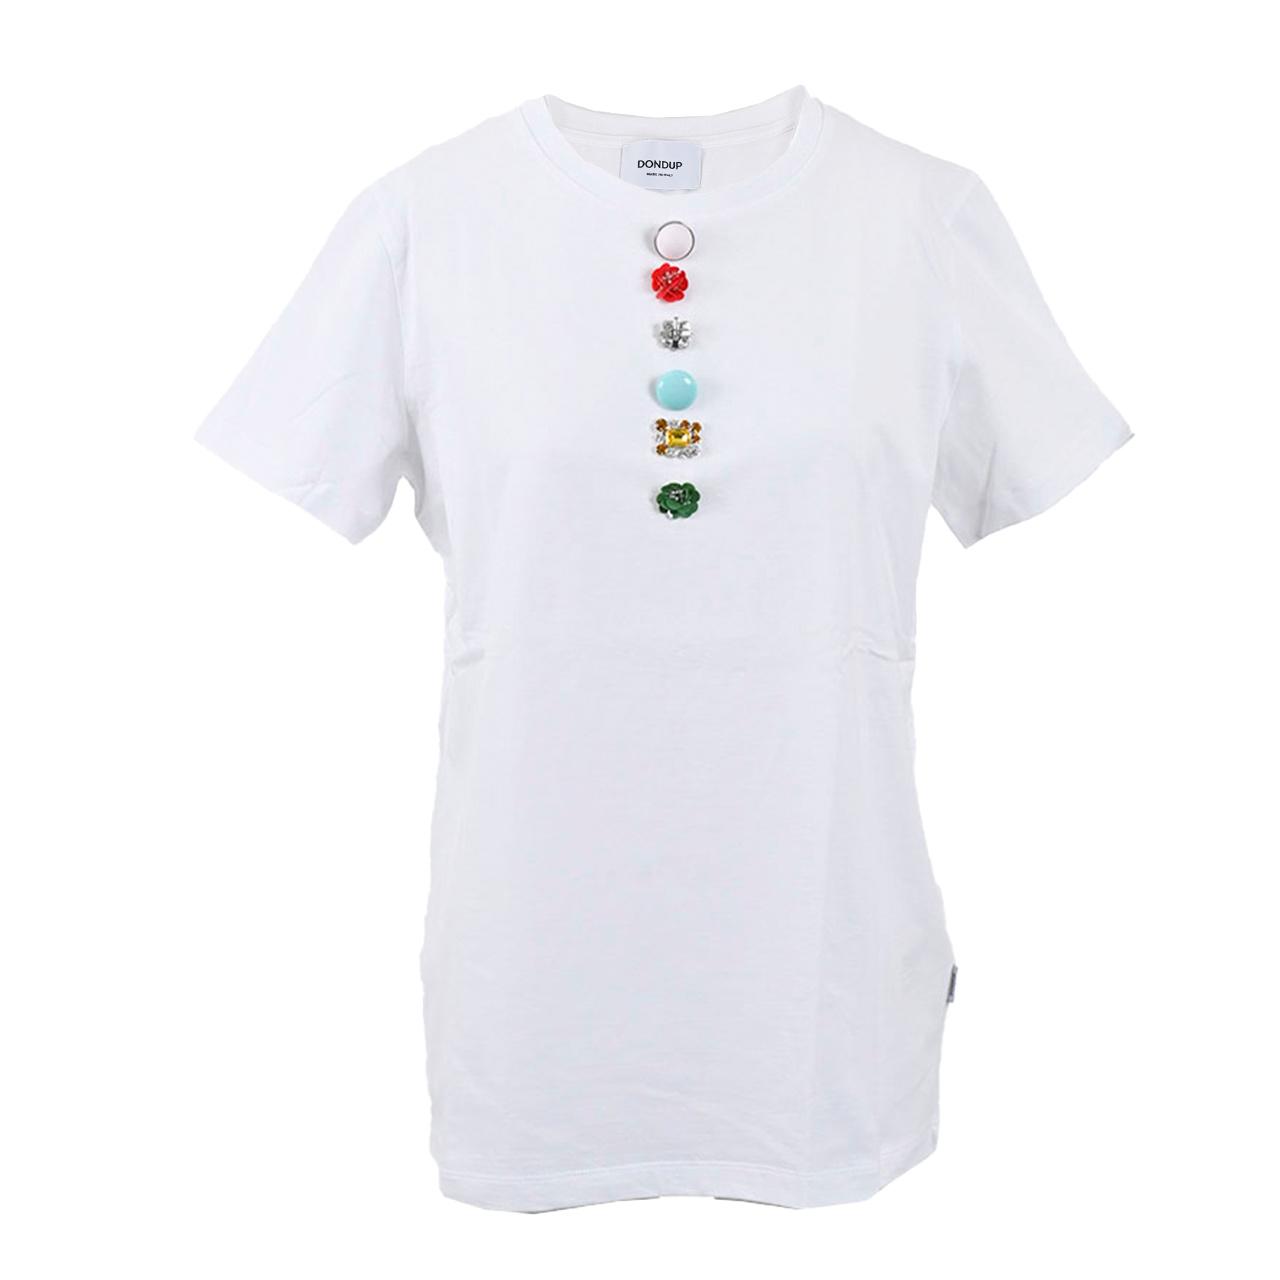 ドンダップ Tシャツ DONDUP S007 JF049D Q37 ホワイト